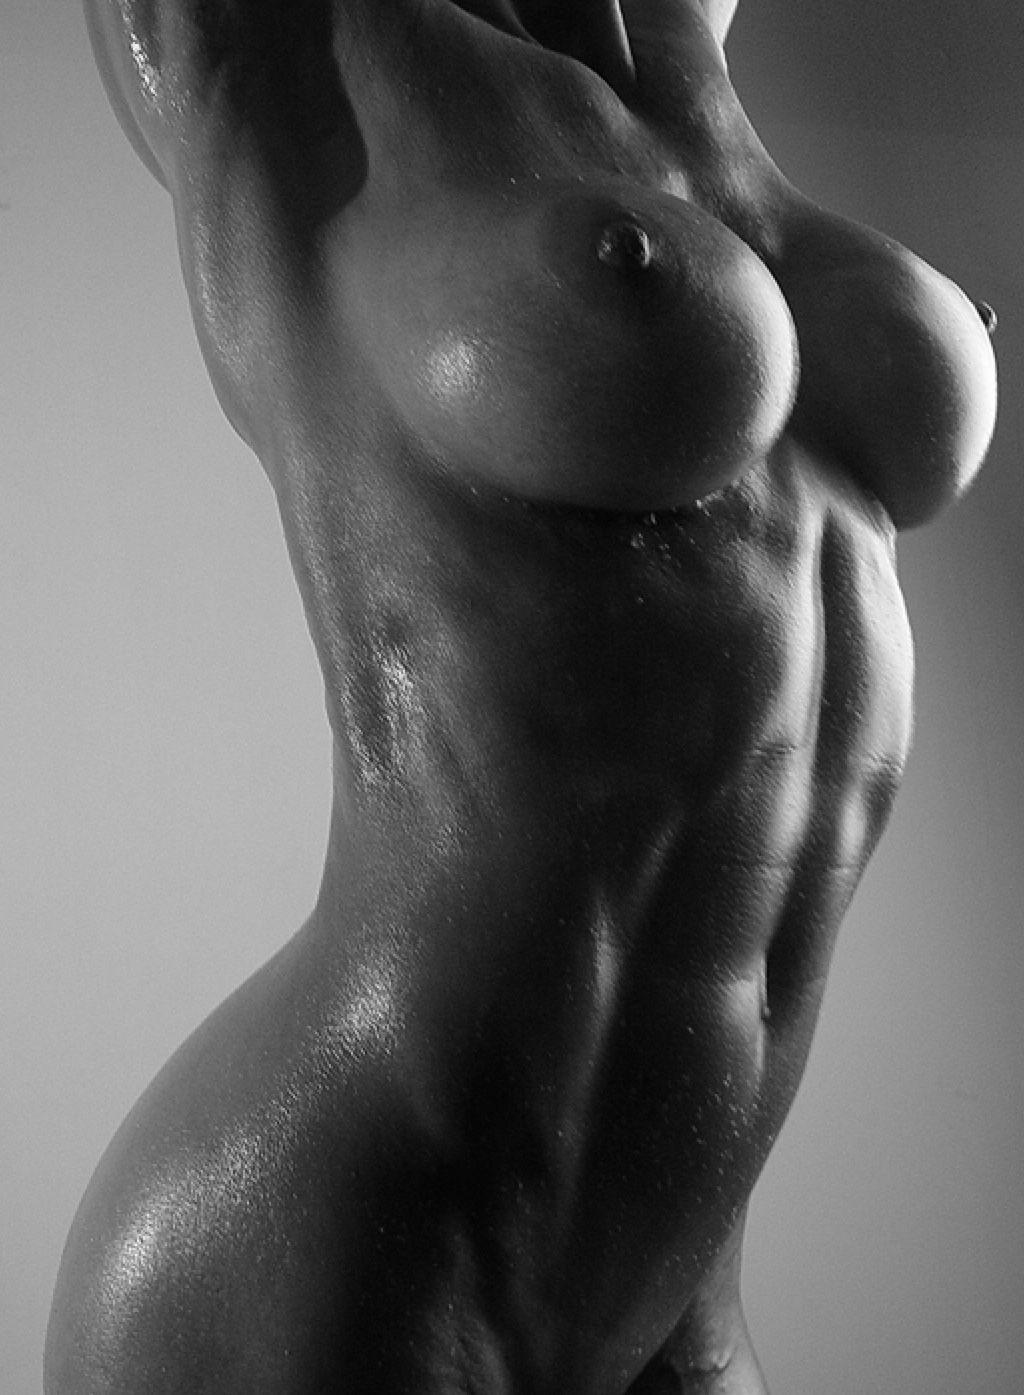 Блузку голые фитнес попки